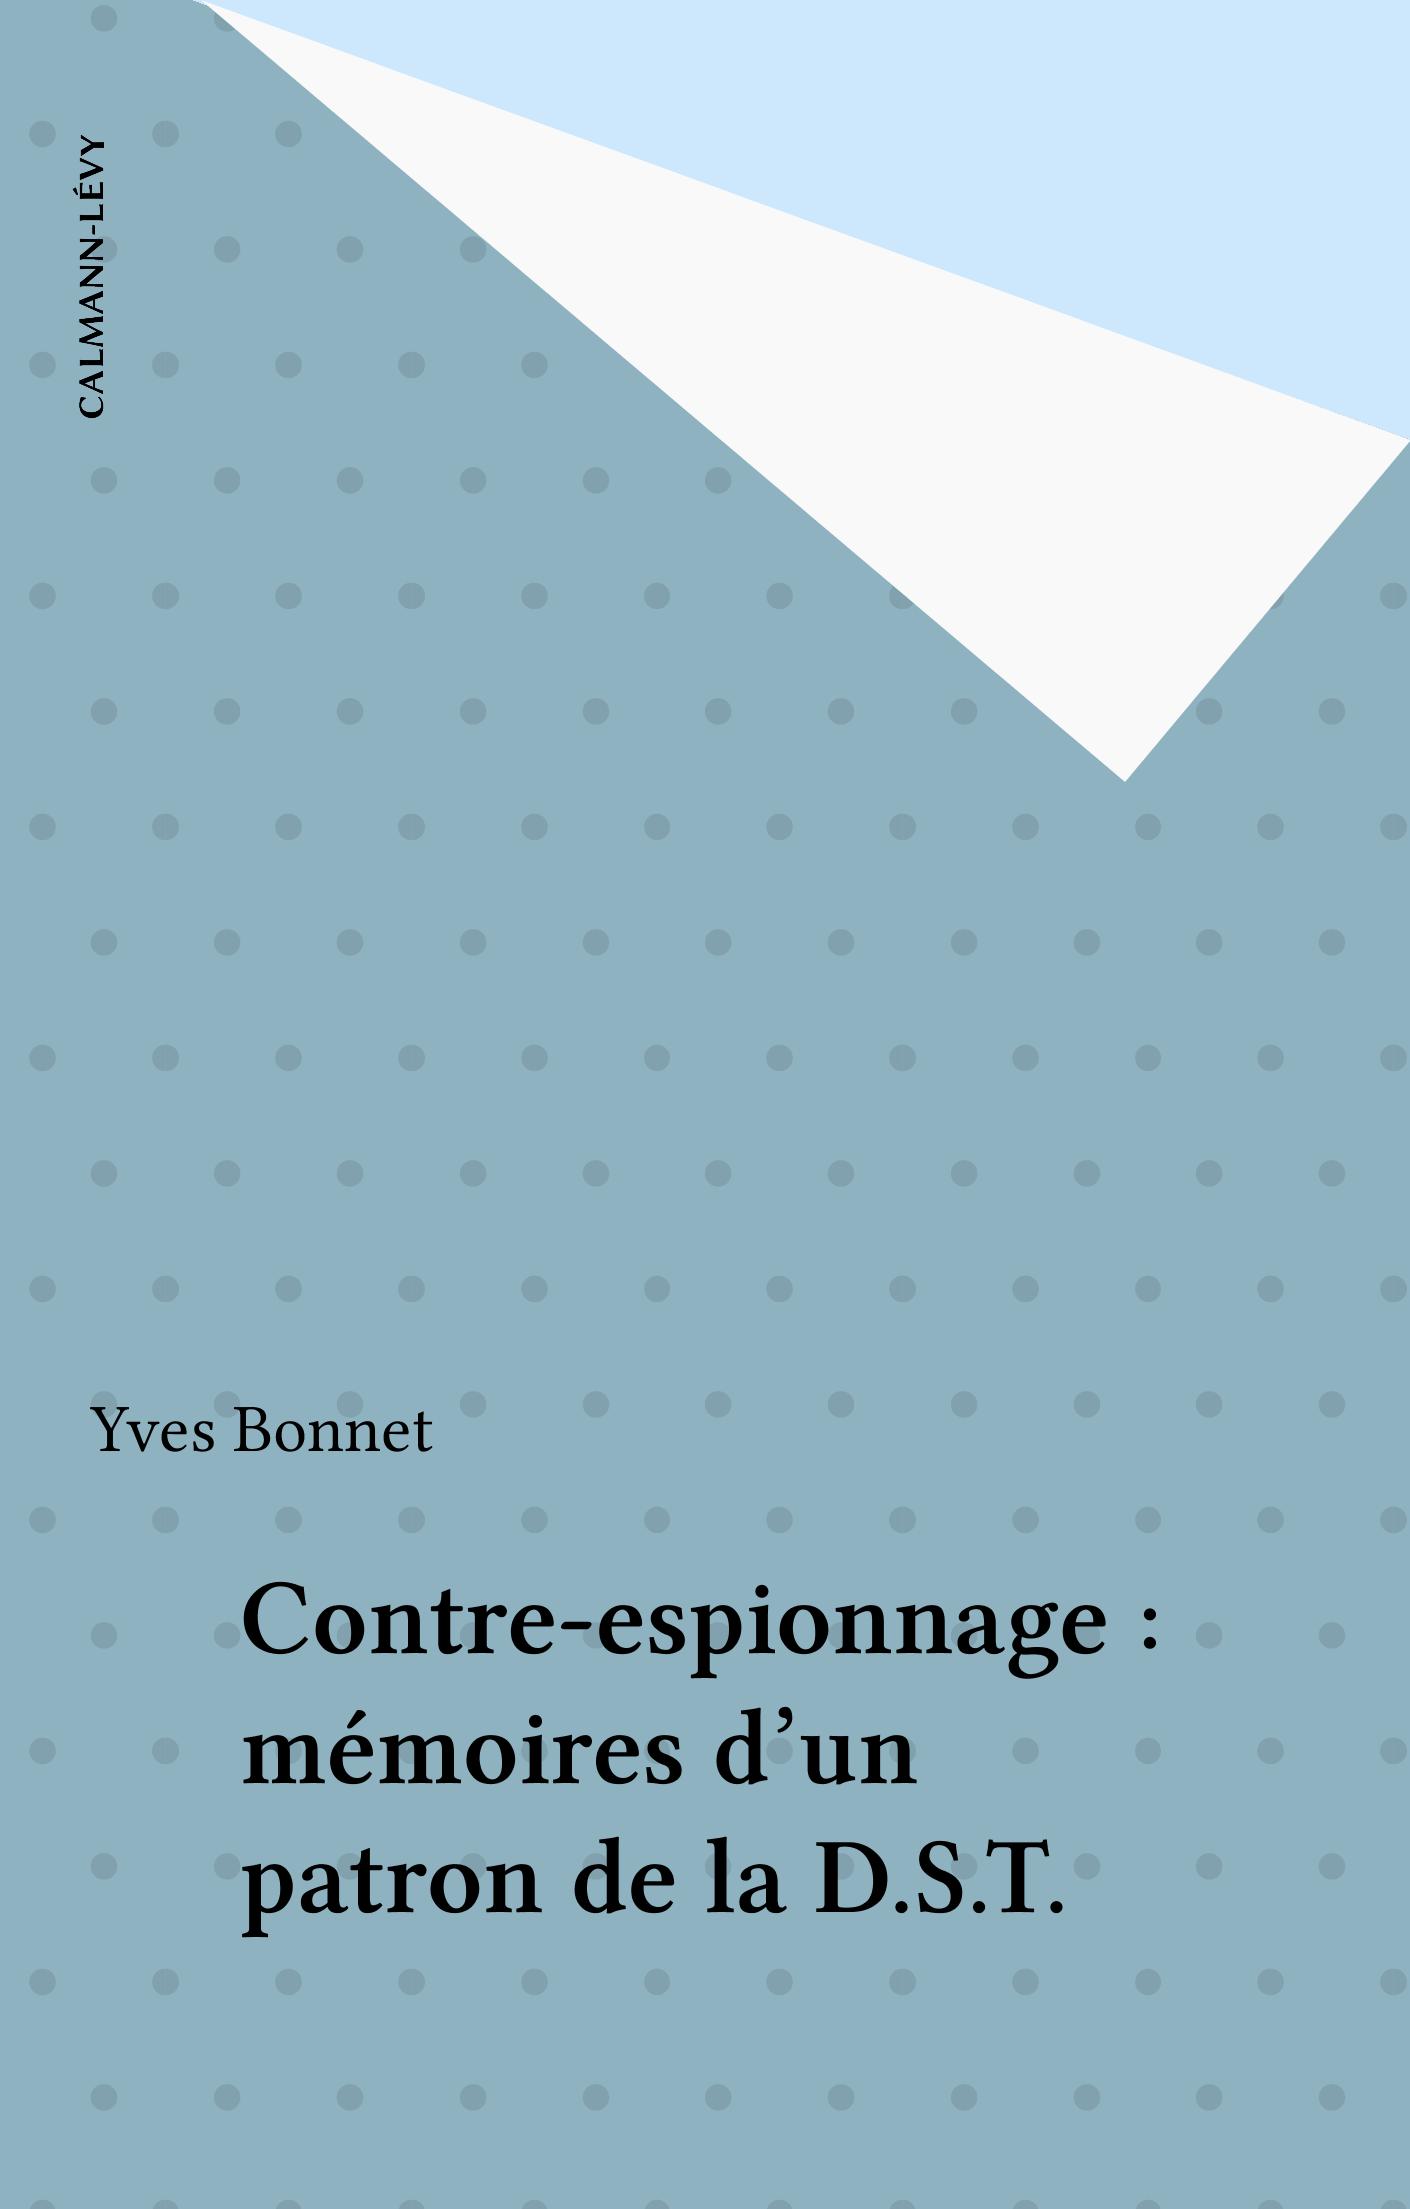 Contre-espionnage : mémoire...